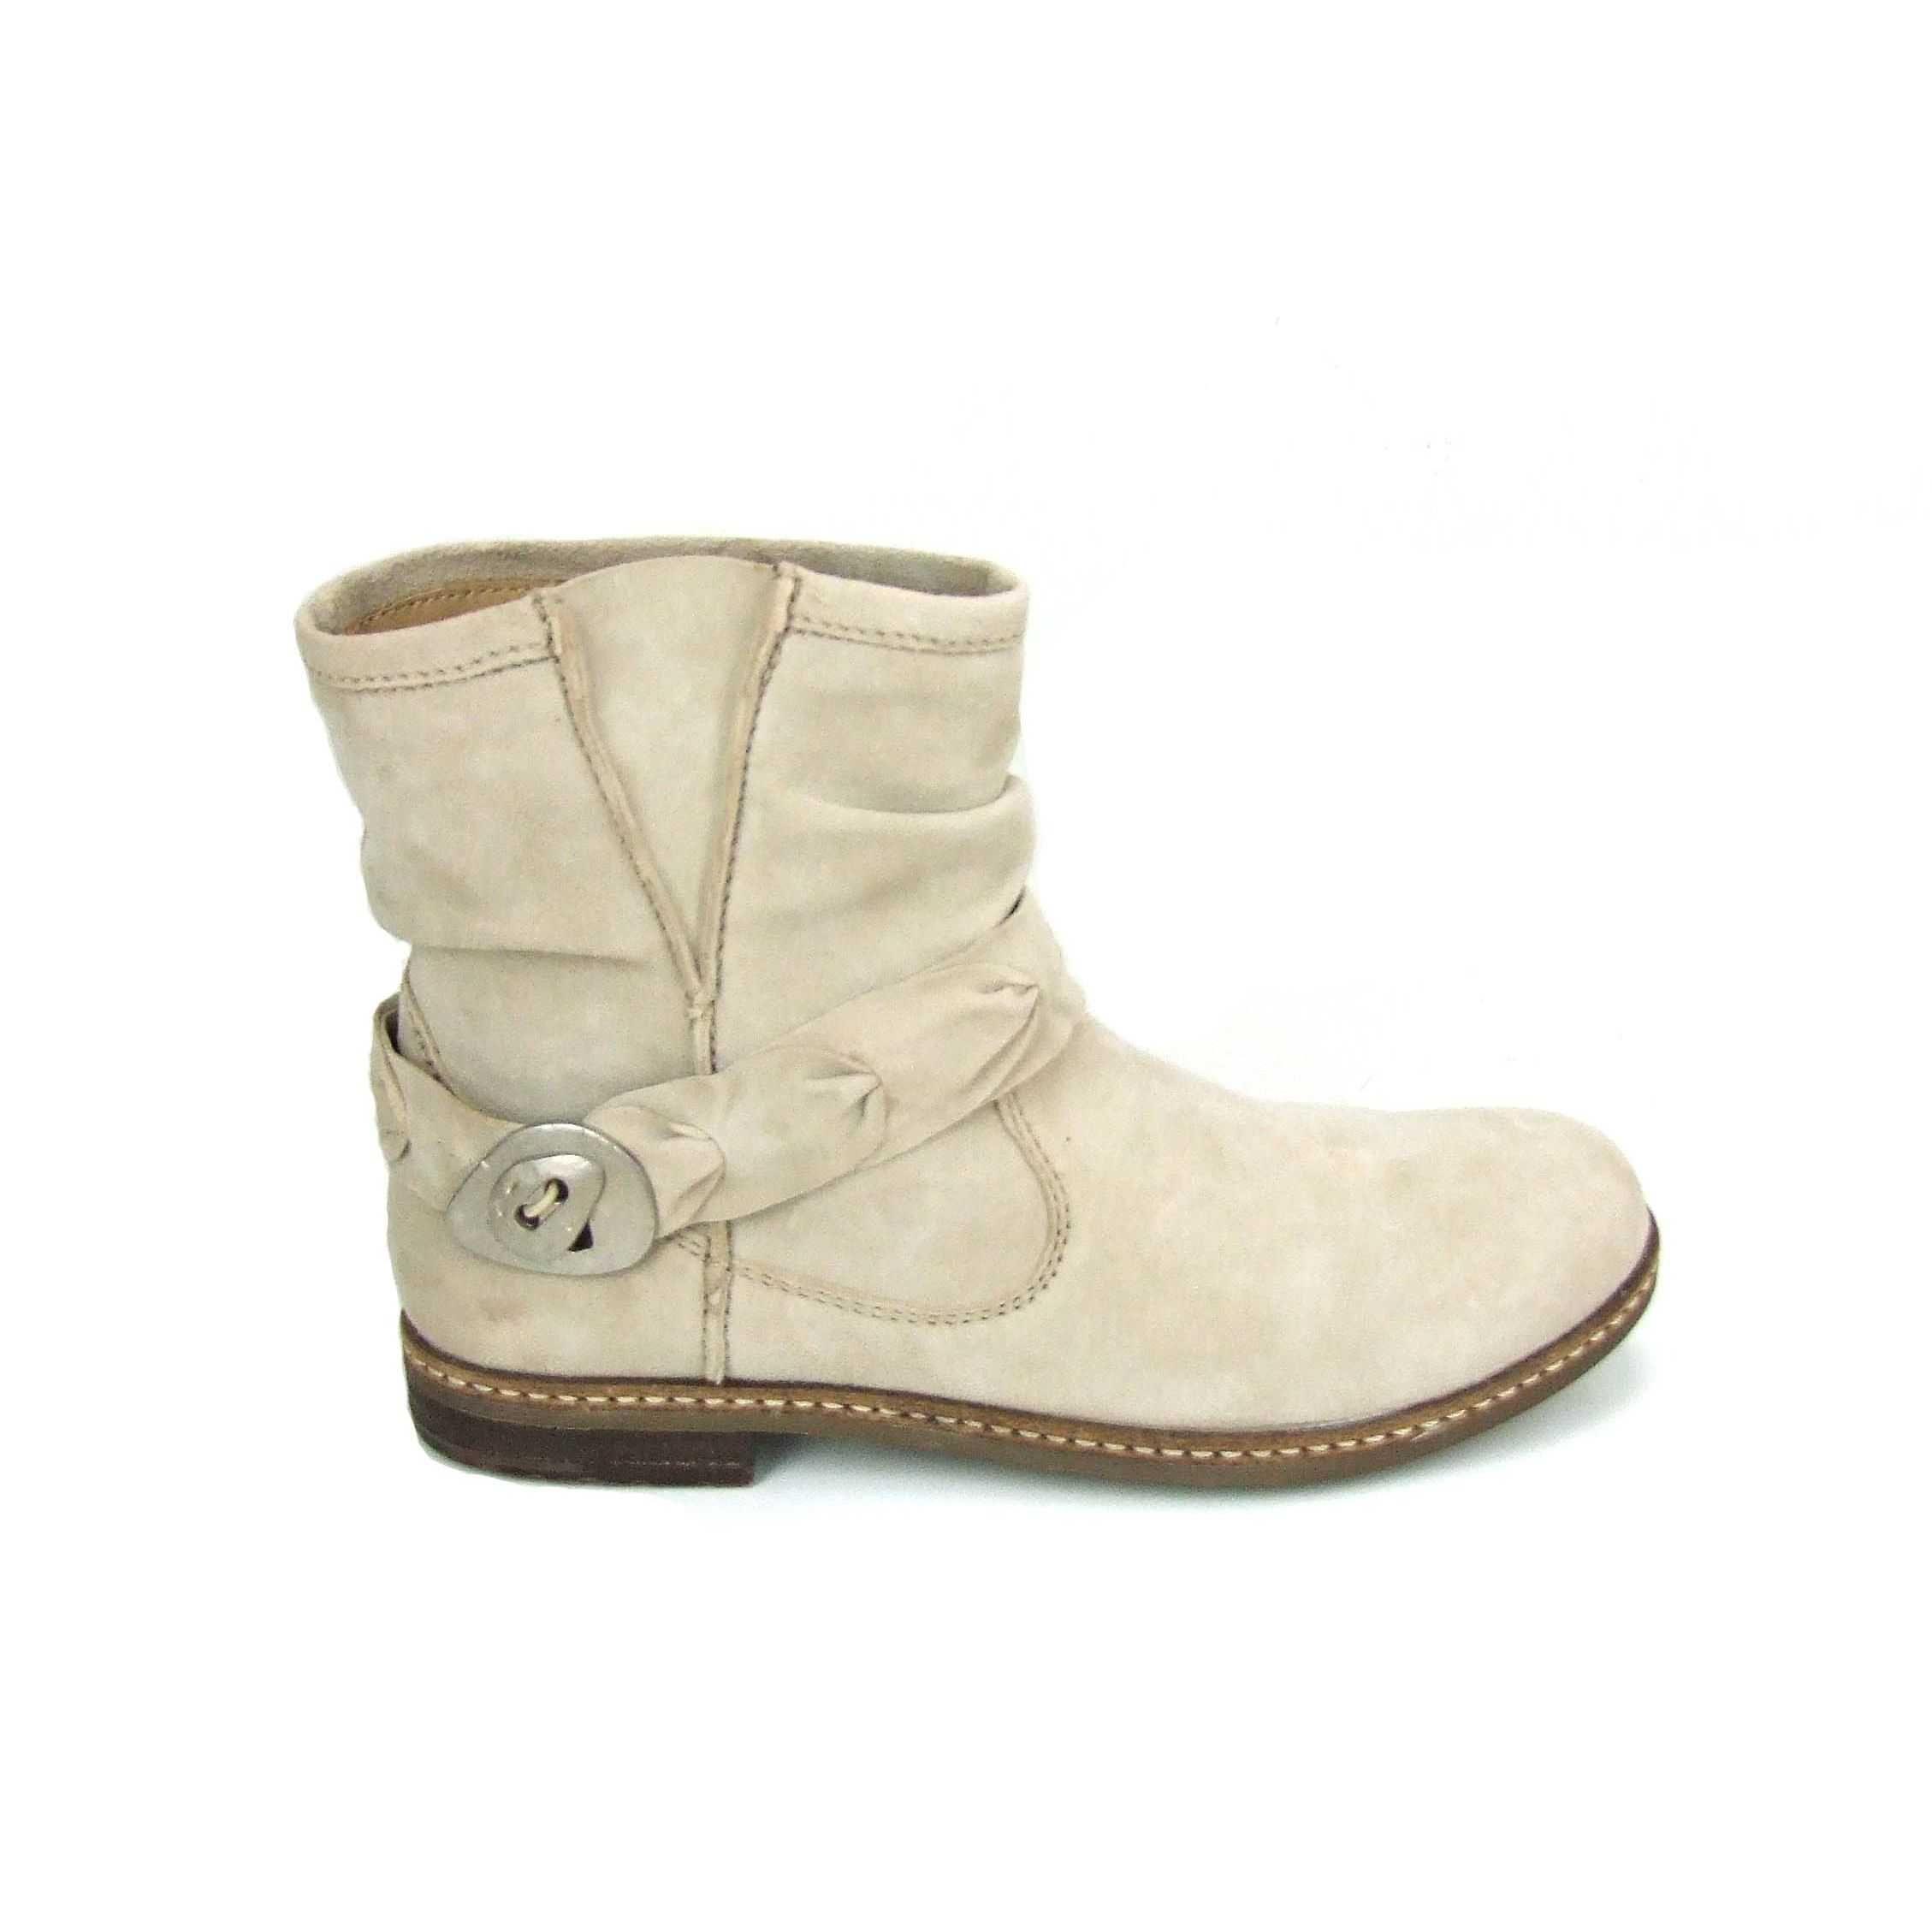 Descuento Brand New Unisex Manfield Manfield / Dolcis - Botas para mujer Size: 36 Muchos estilos Gtqhwxvmy